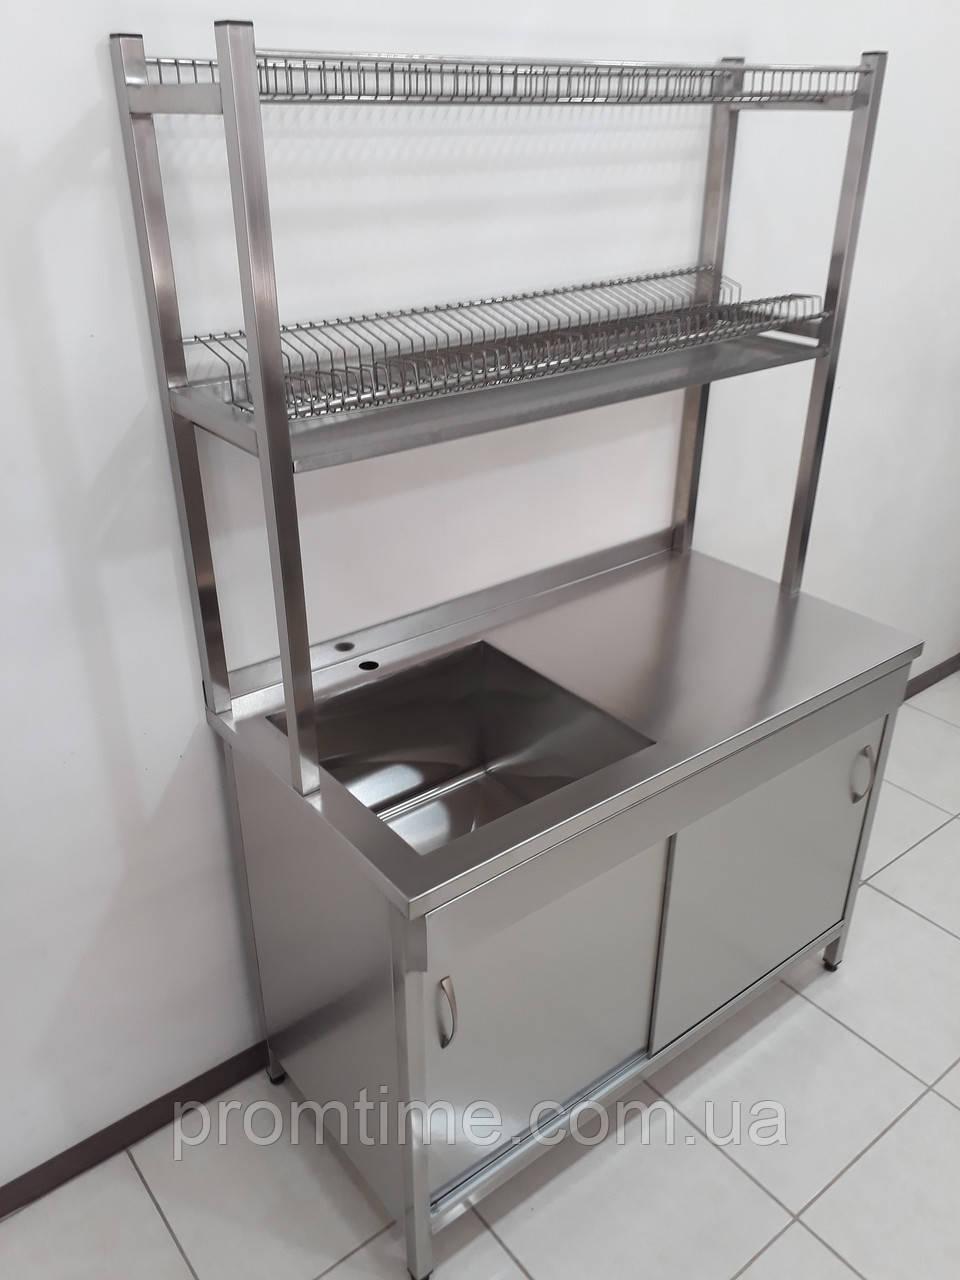 Стол тумба с раздвижными дверьми,мойкой и надстройкой для сушки посуды 1160х600х1750